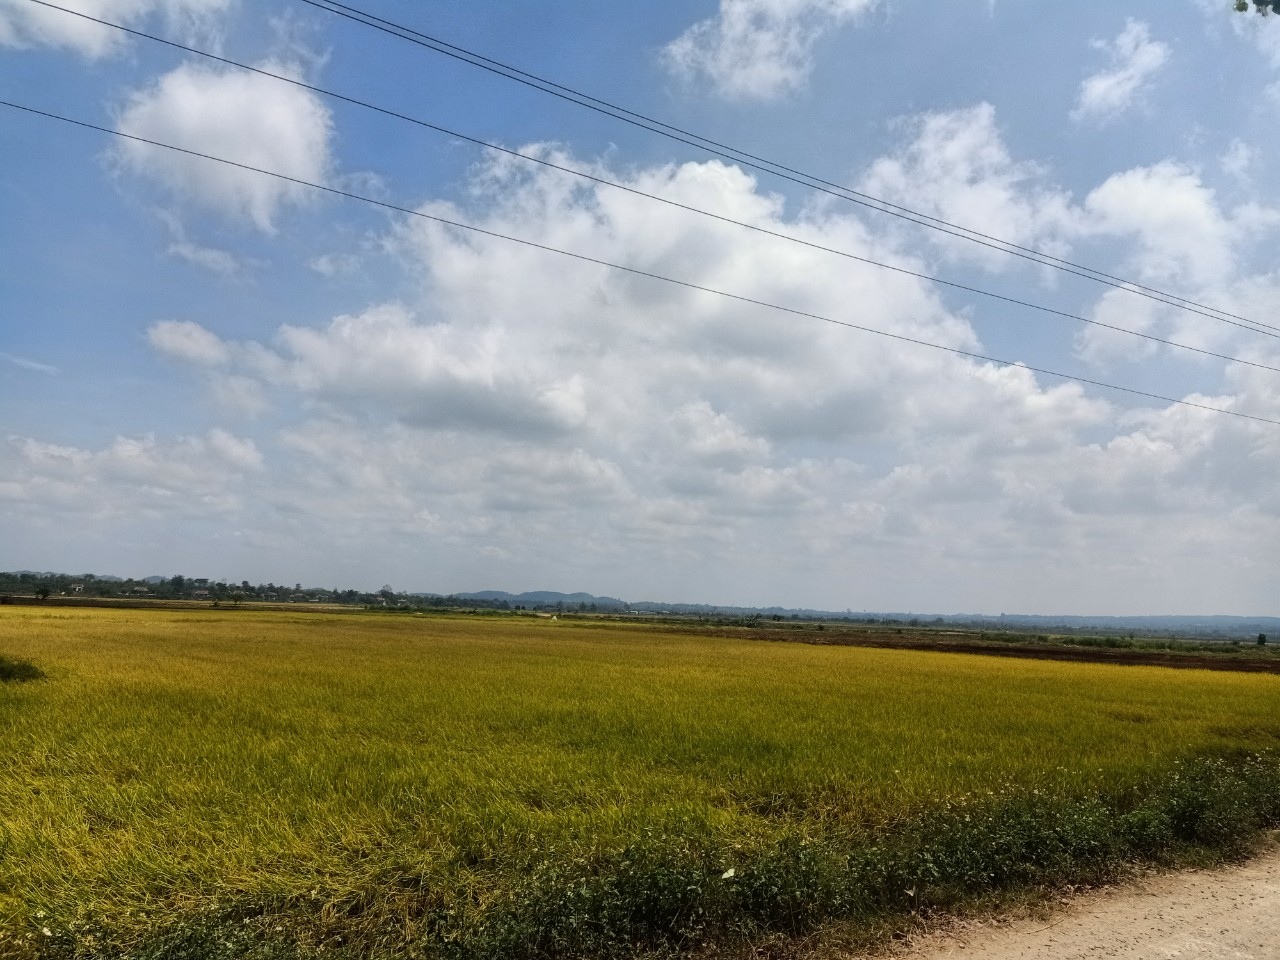 Về việc phê duyệt điều chỉnh, bổ sung kế hoạch lựa chọn nhà thầu dự án: Phát triển cơ sở hạ tầng nông thôn phục vụ sản xuất cho các tỉnh Tây Nguyên, vốn vay Ngân hàng Phát triển Châu Á (ADB)